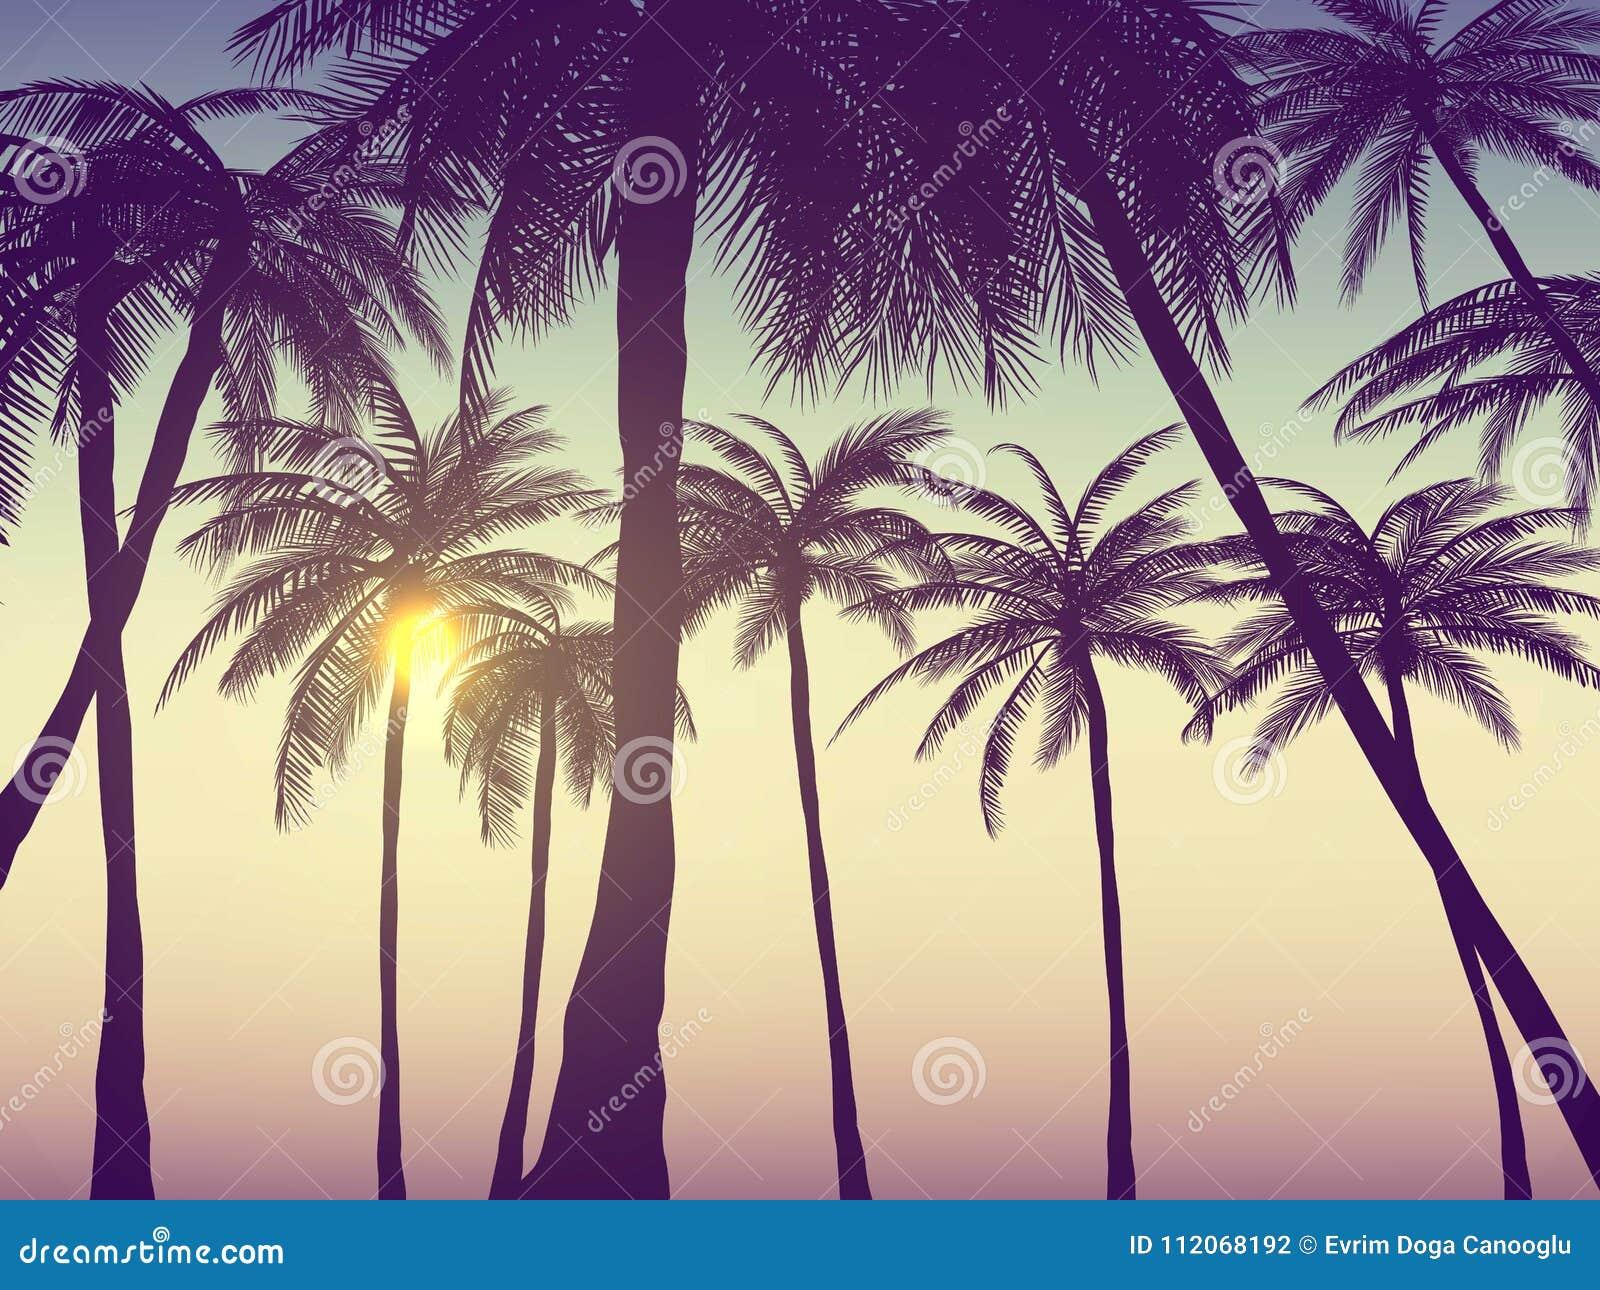 Sommerkalifornien Tumblr Hintergründe Stellten Mit Palmen Himmel